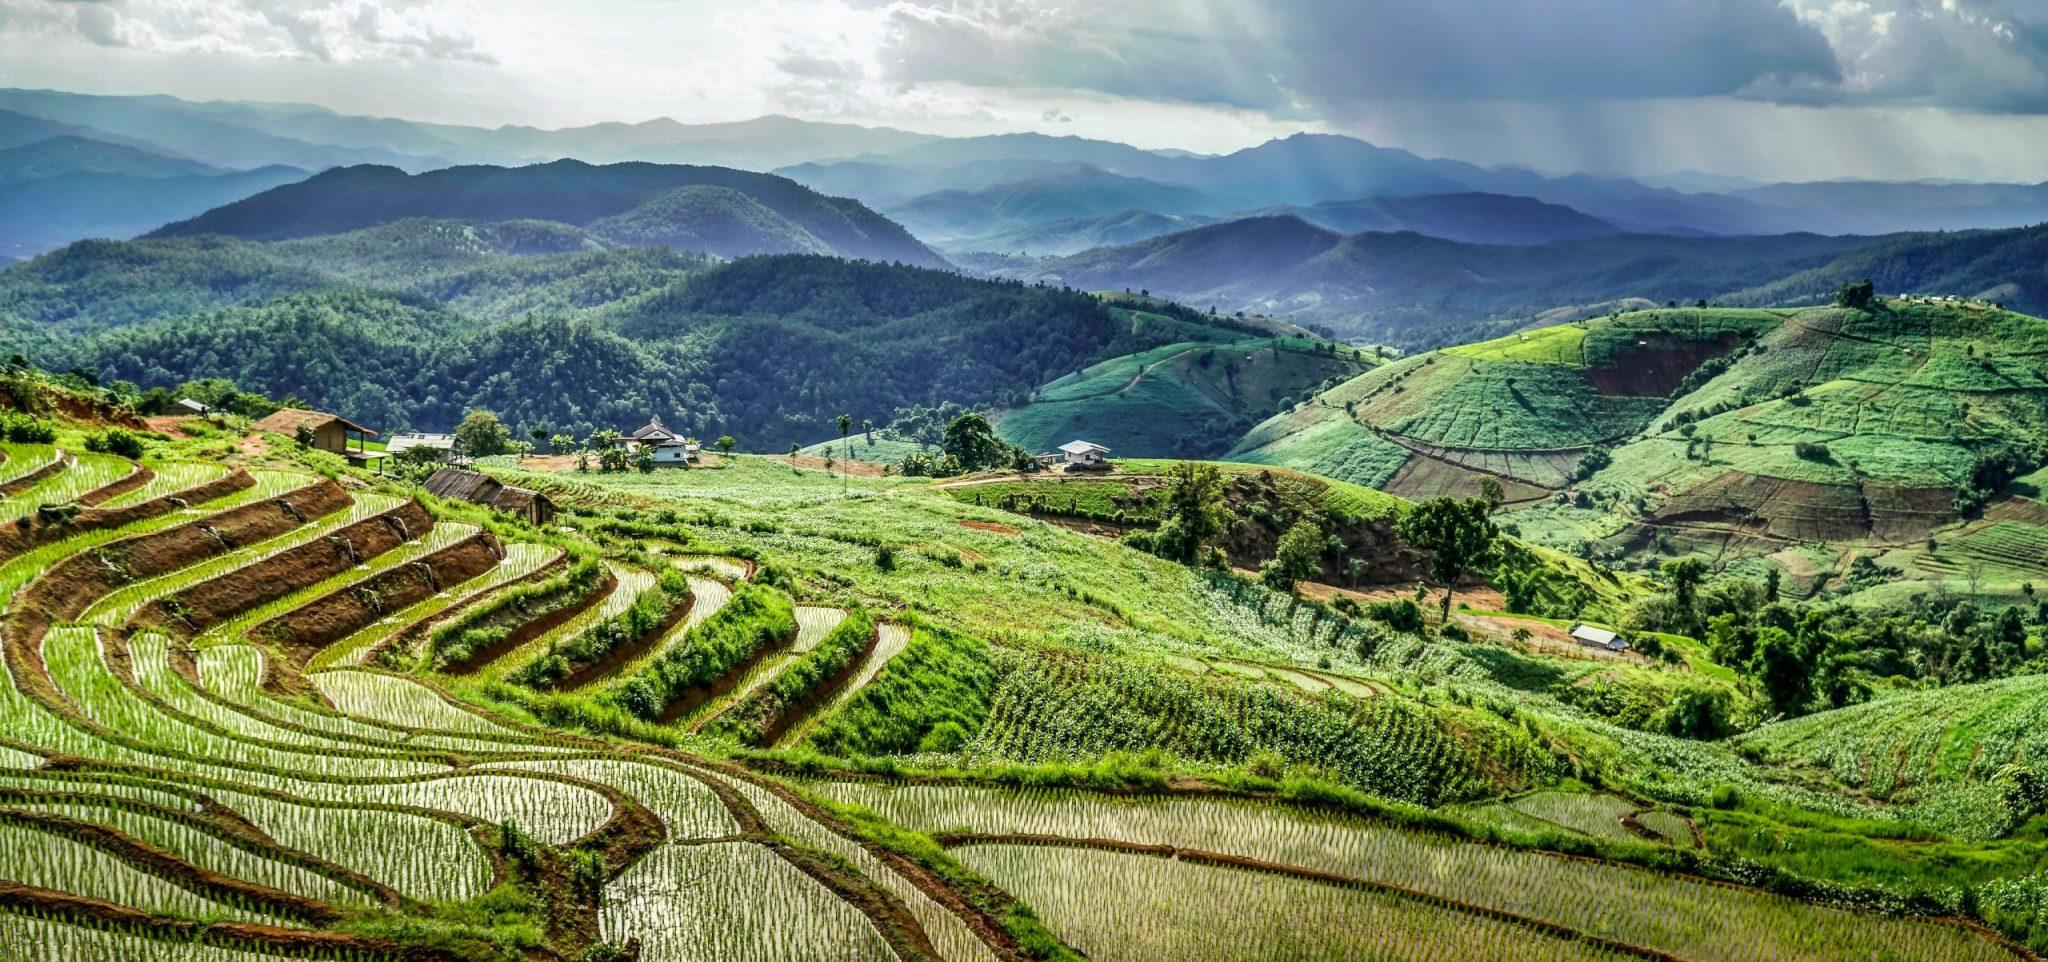 Gröna risfält i Thailand